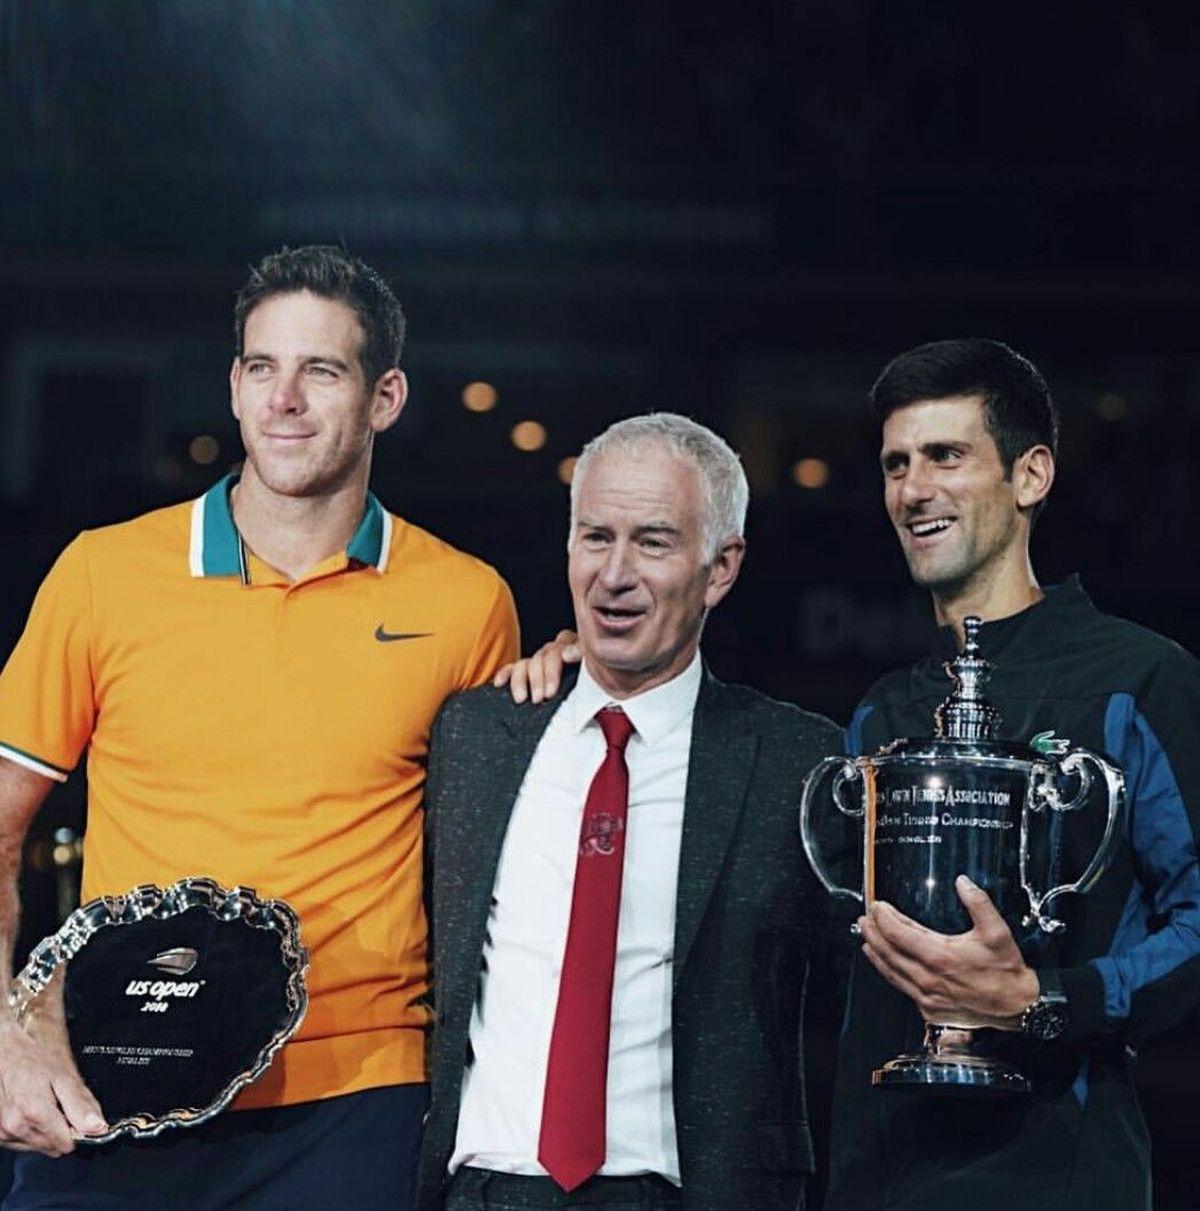 Juan Martín Del Potro y John Mc Enroe durante la premiación del US Open 2018.